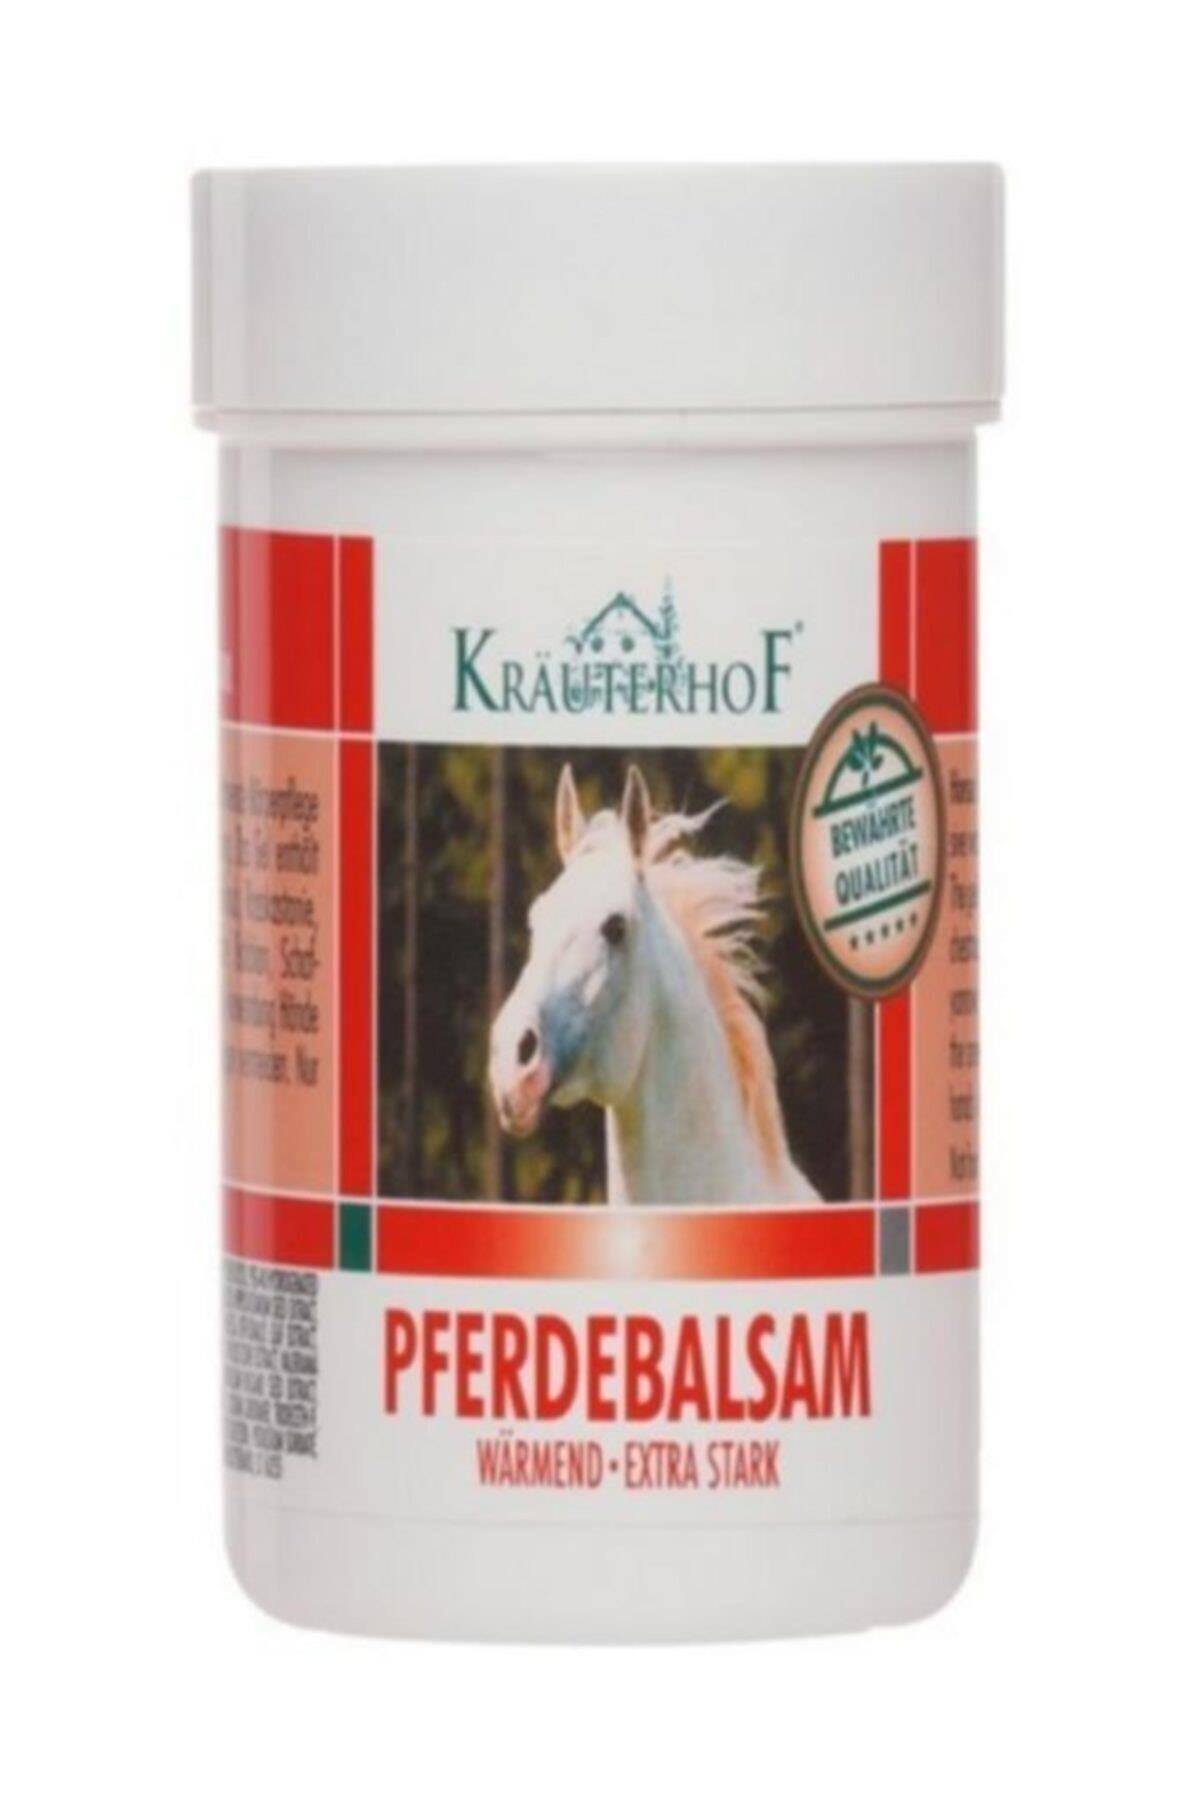 Krauterhof Pferdebalsam Isıtıcı Masaj Jeli 100 ml Tre.757667 1